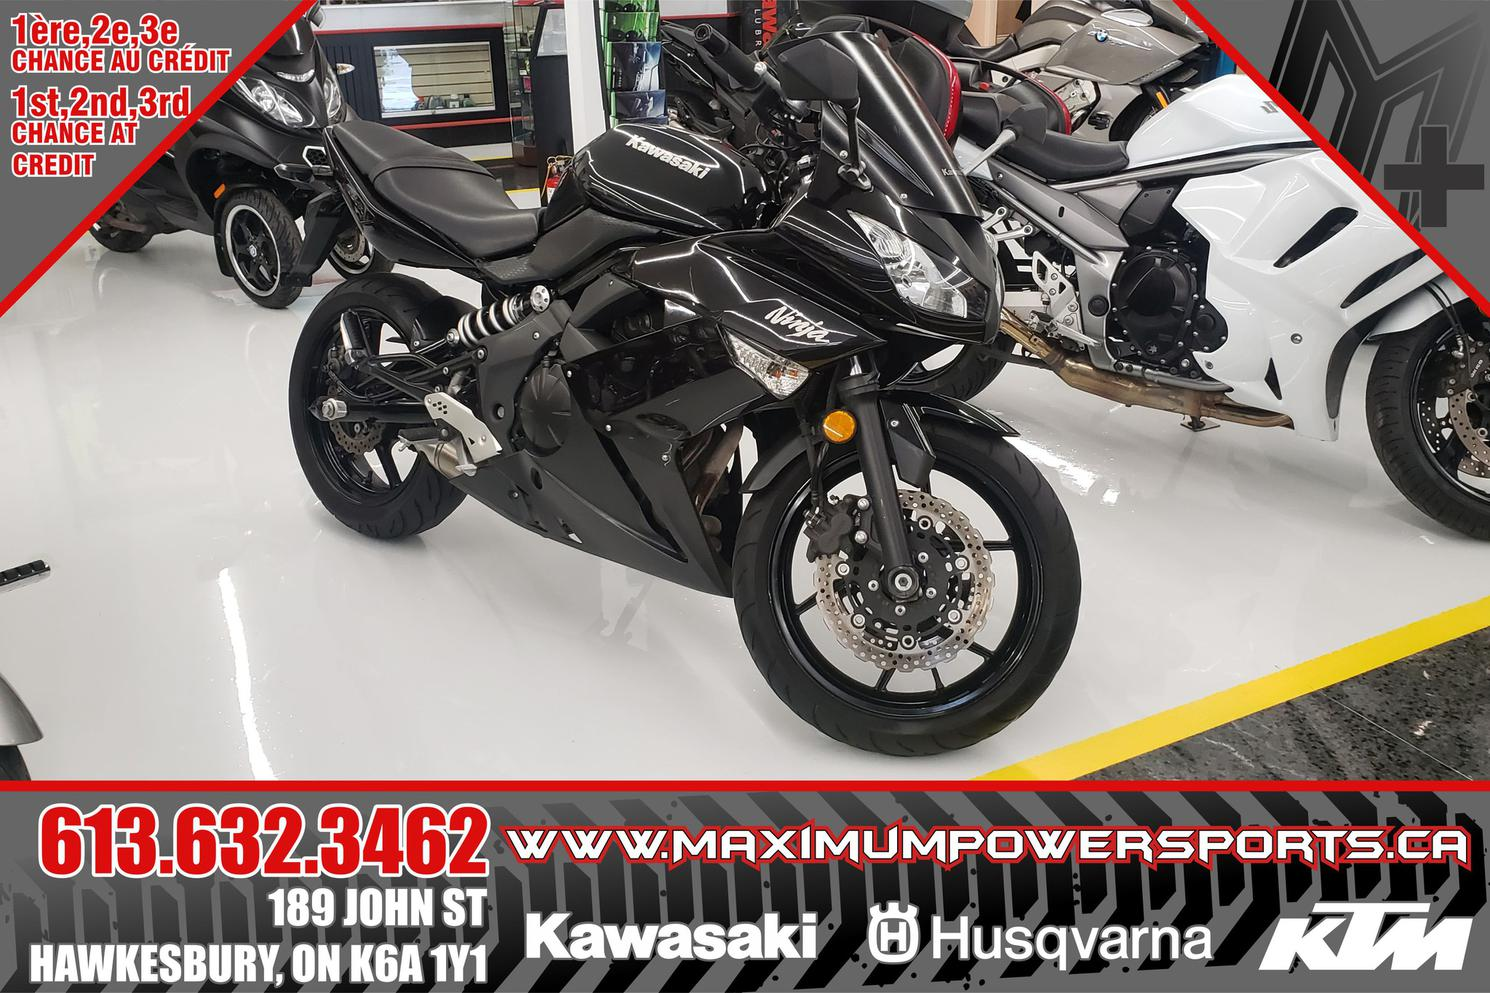 2011 Kawasaki EX650C UNKNOWN